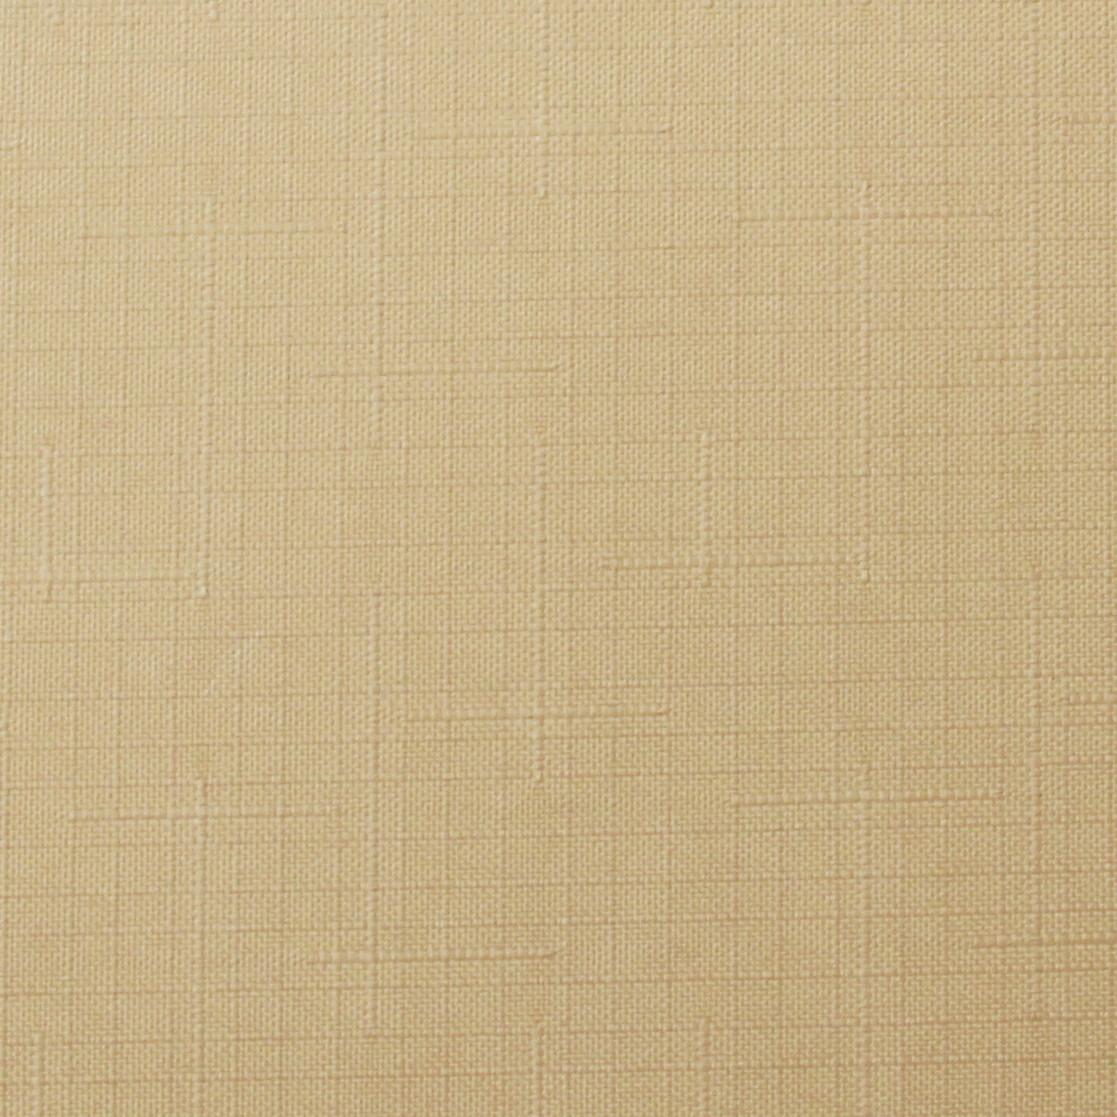 Рулонные шторы Ткань Лён 881 Маккофе